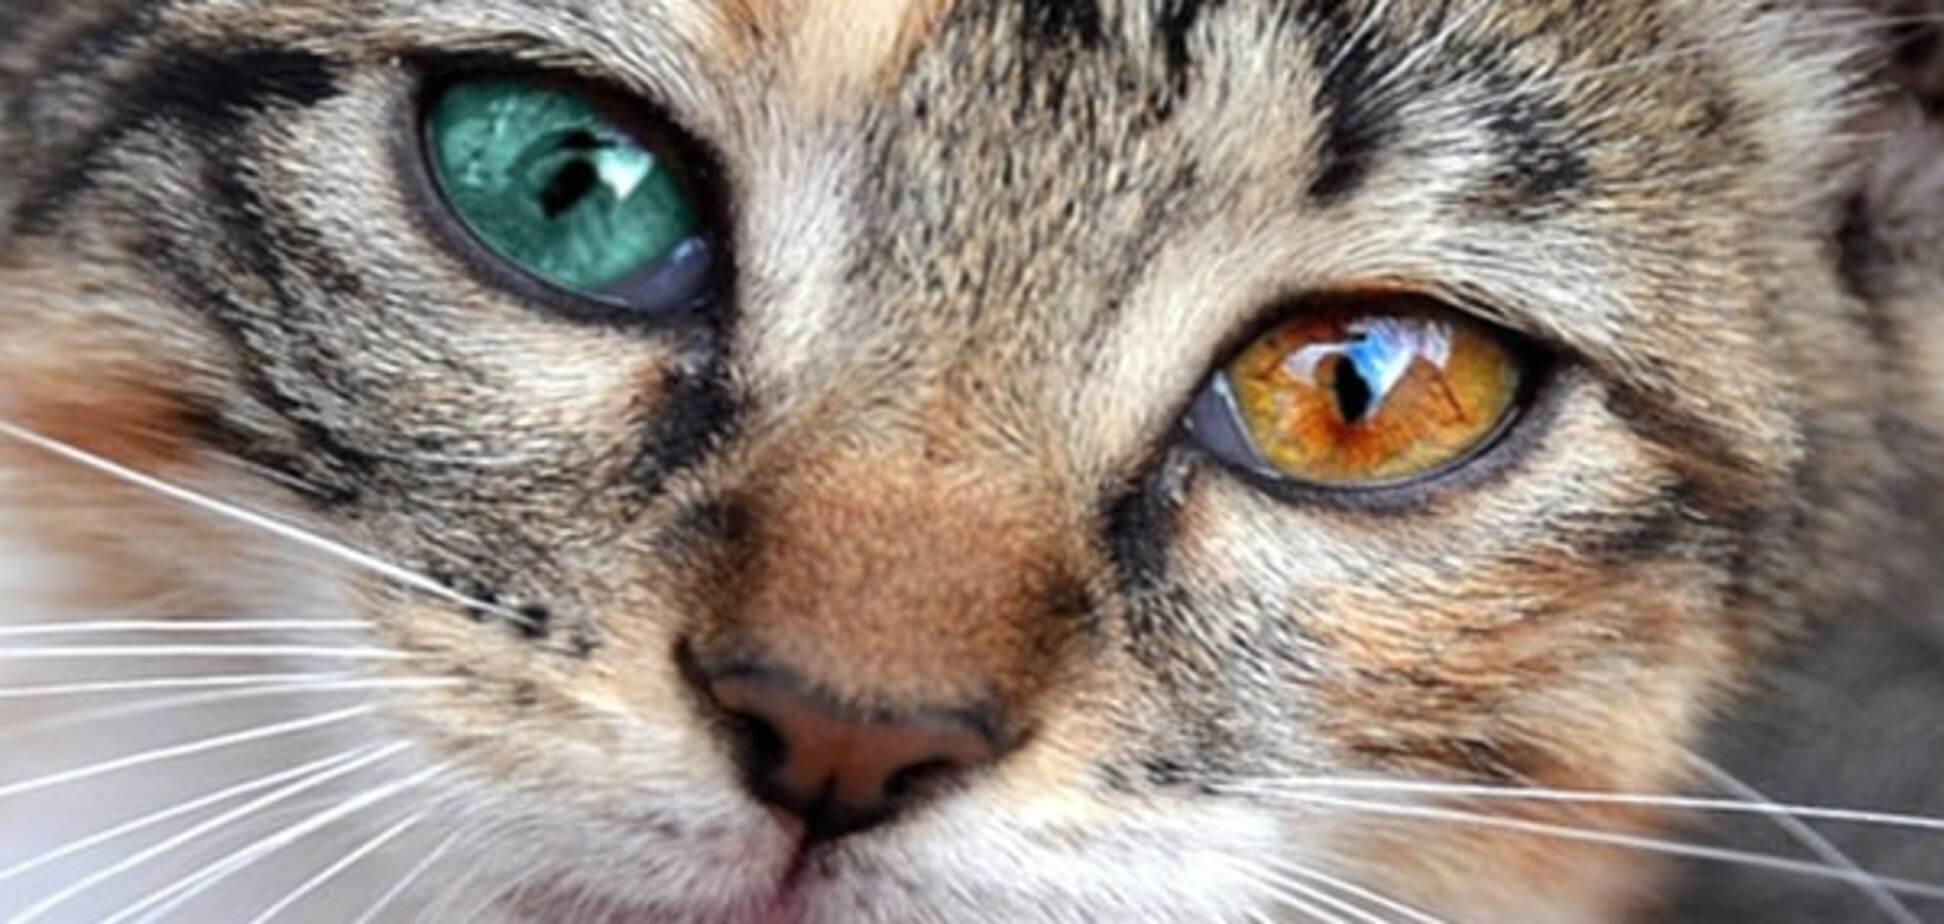 Щоб я так жив: в Італії бродячі коти отримали квартиру за €230 тис.